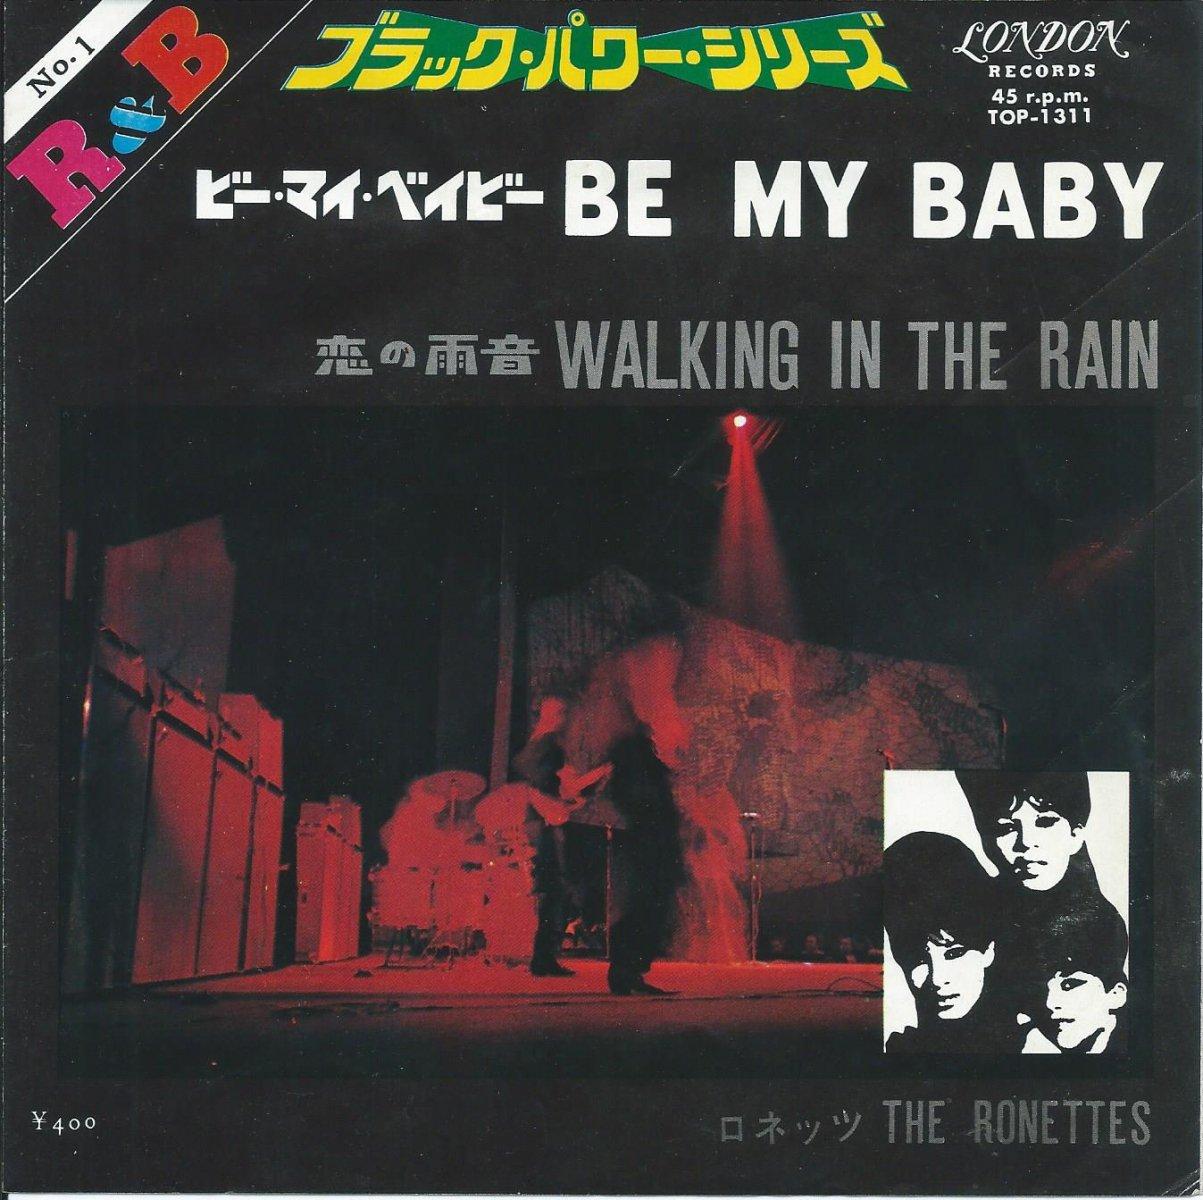 ロネッツ THE RONETTES / ビー・マイ・ベイビー BE MY BABY / 恋の雨音 WALKING IN THE RAIN (7